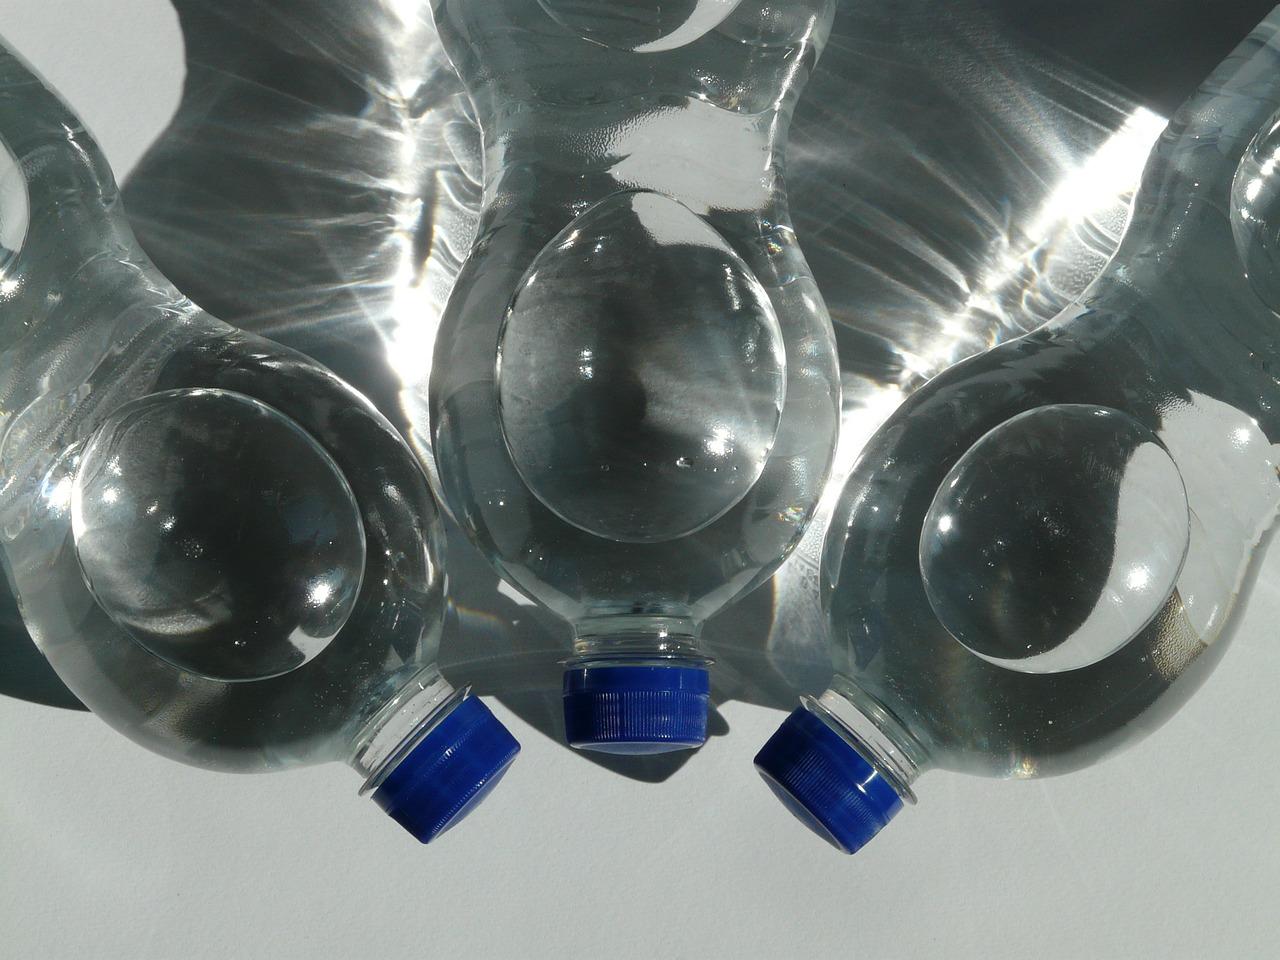 bouteilles-plastique.jpg